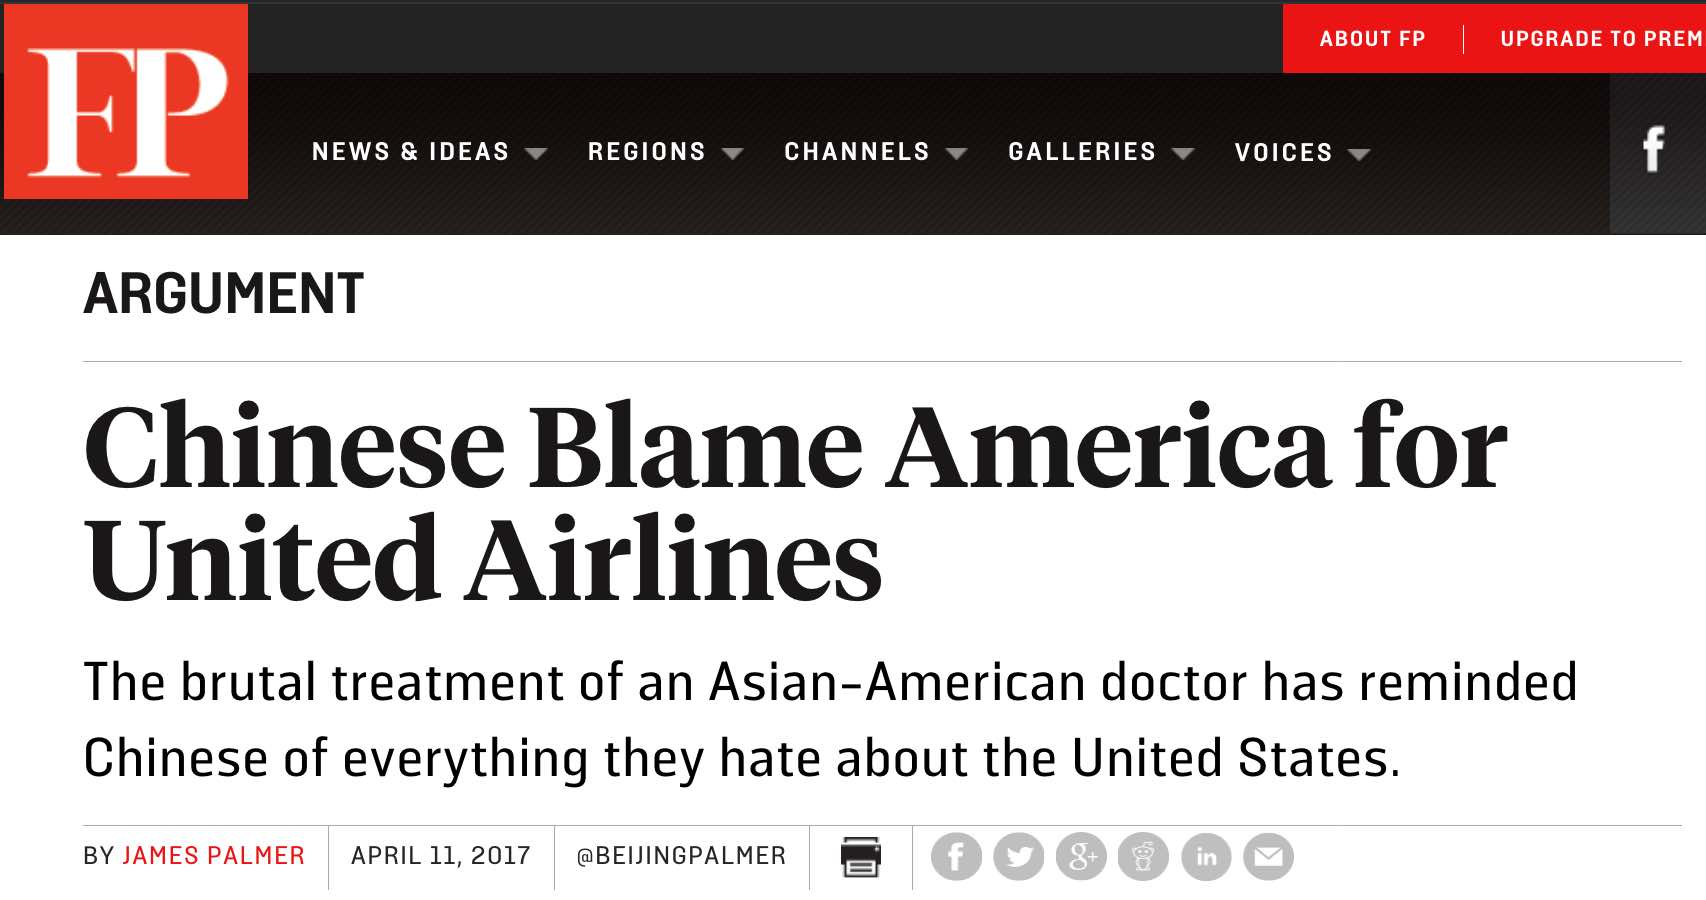 """论翻译的技巧:美媒称""""中国故意宣传""""美联航视频了吗?"""